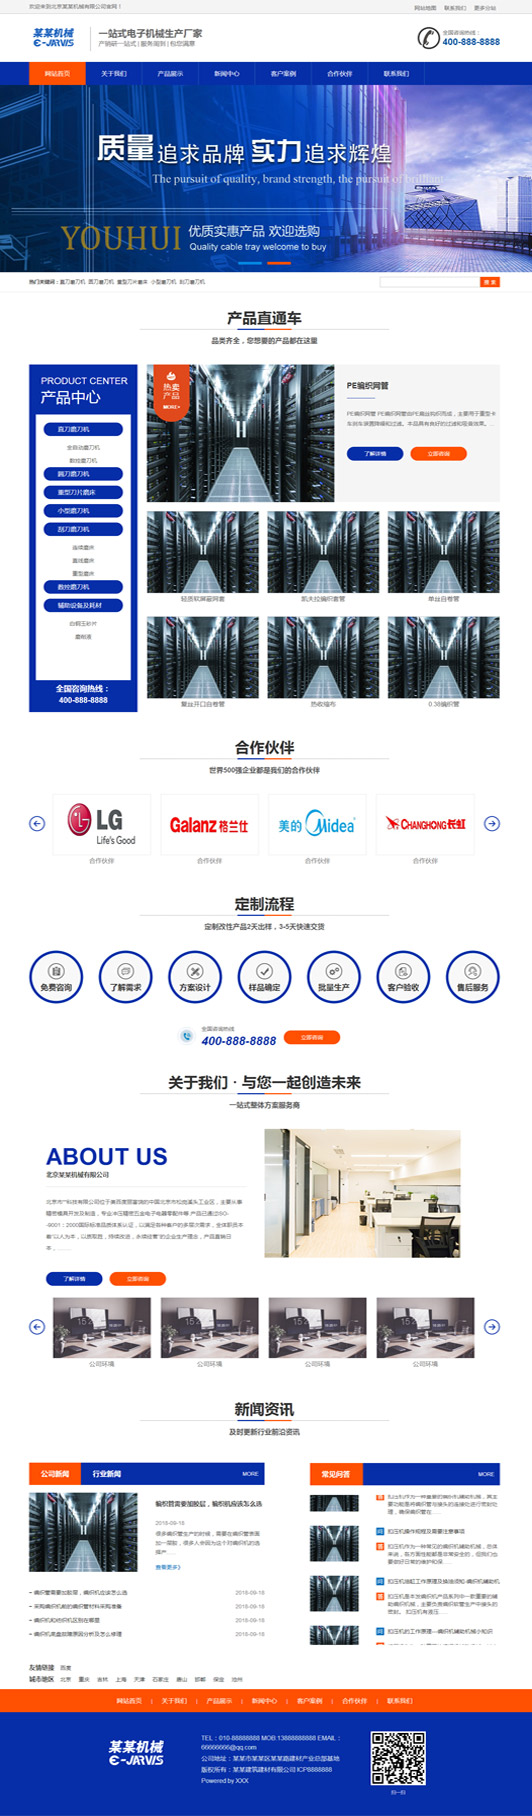 电子机械生产公司网站通用模板